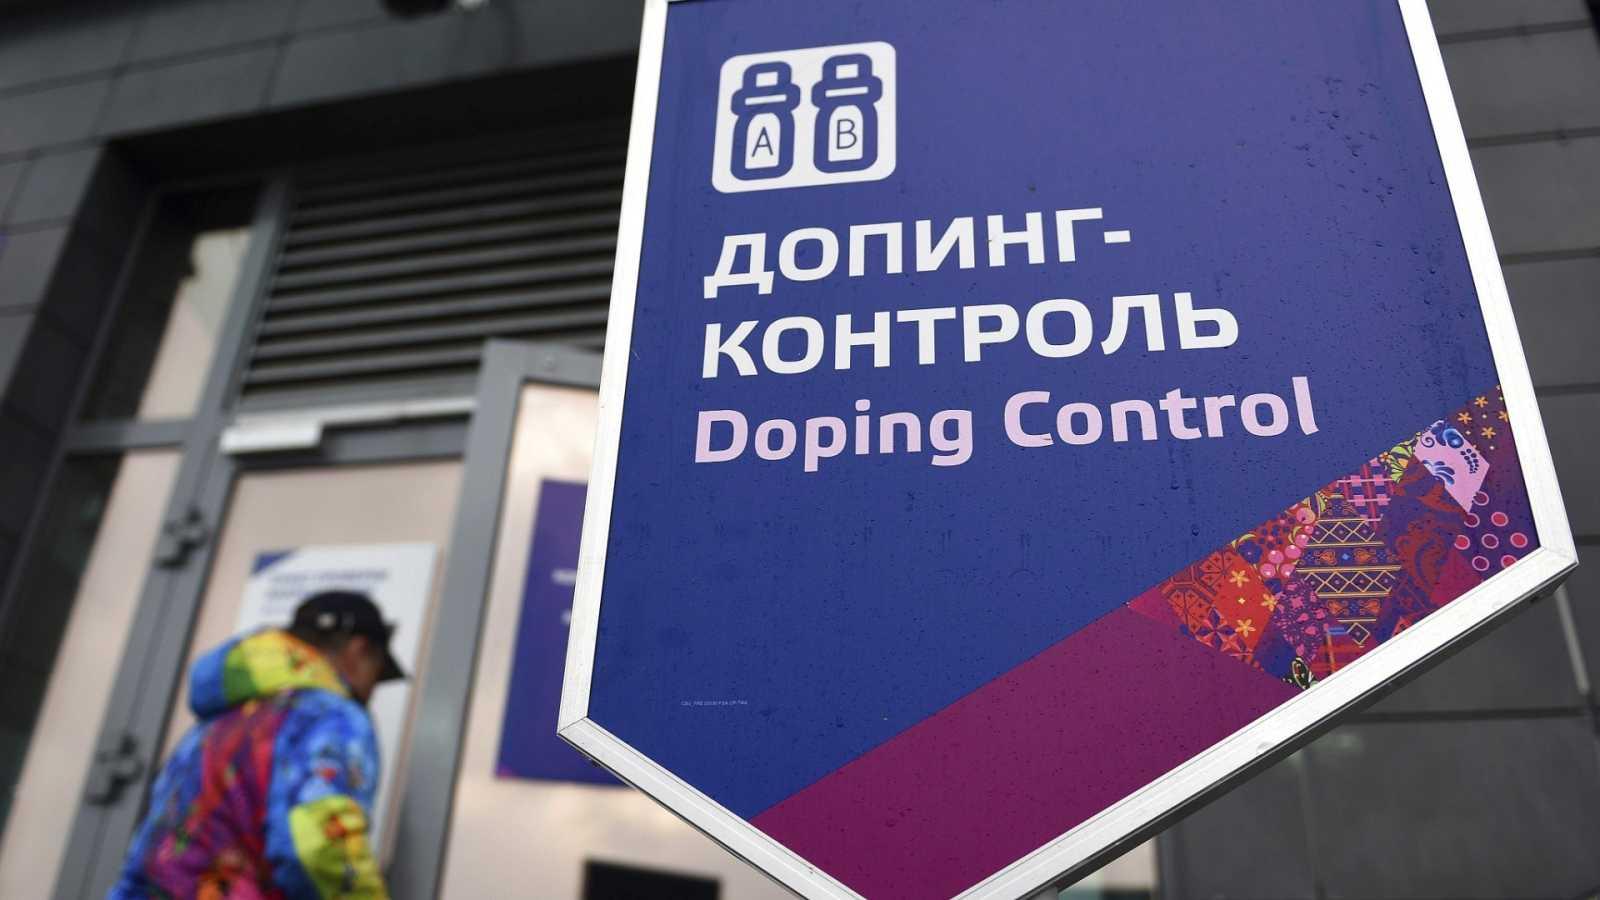 Fotografía de archivo que muestra la estación de control de dopaje en el Centro Laura de Biatlón durante los Juegos Olímpicos de invierno en Sochi